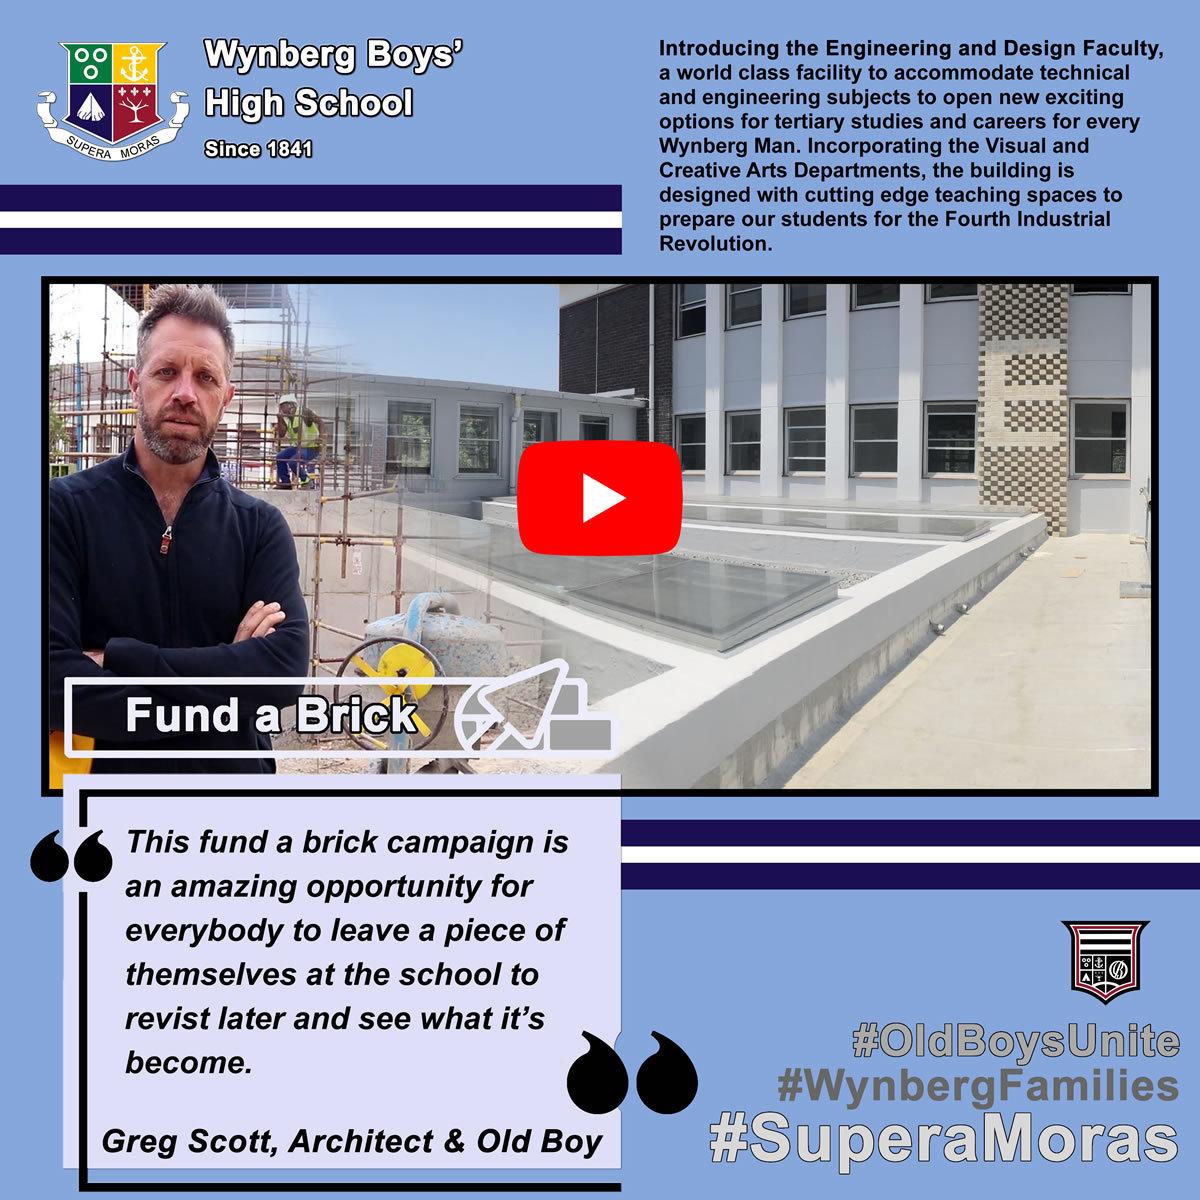 Fund a Brick: Greg Scott